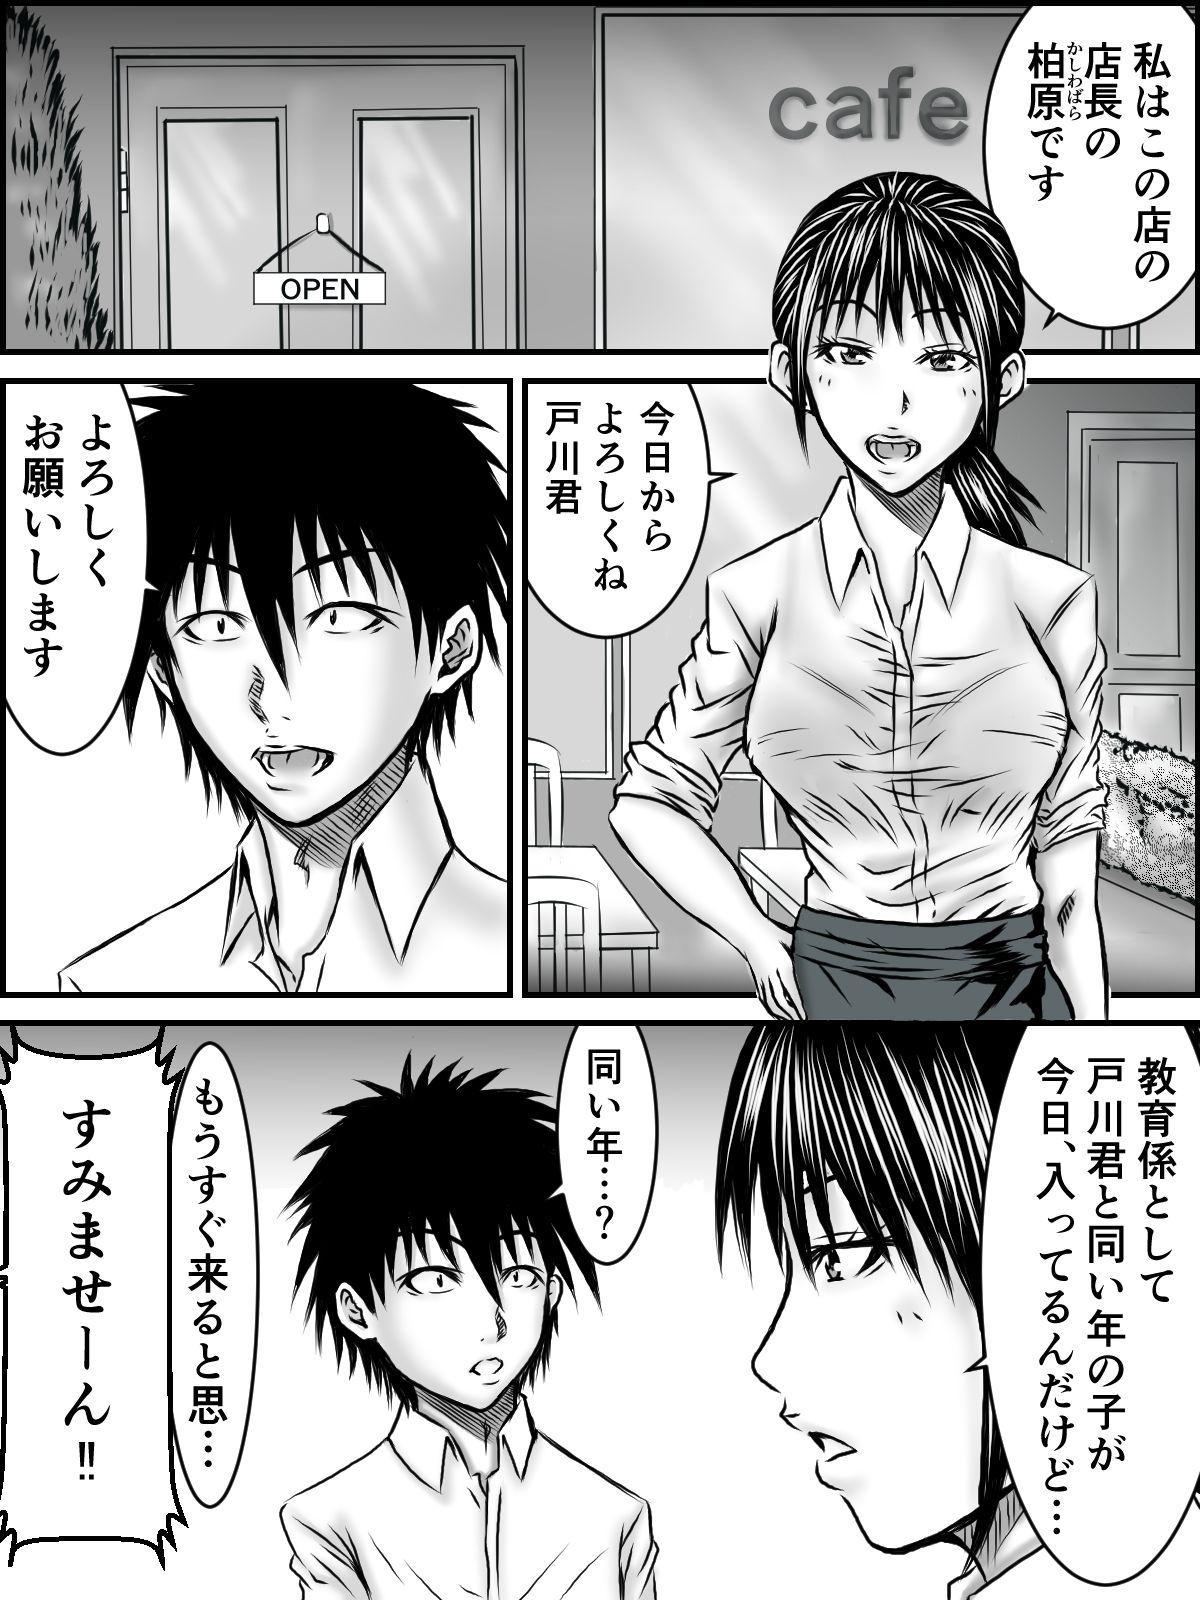 Kiss wa ¥300 72